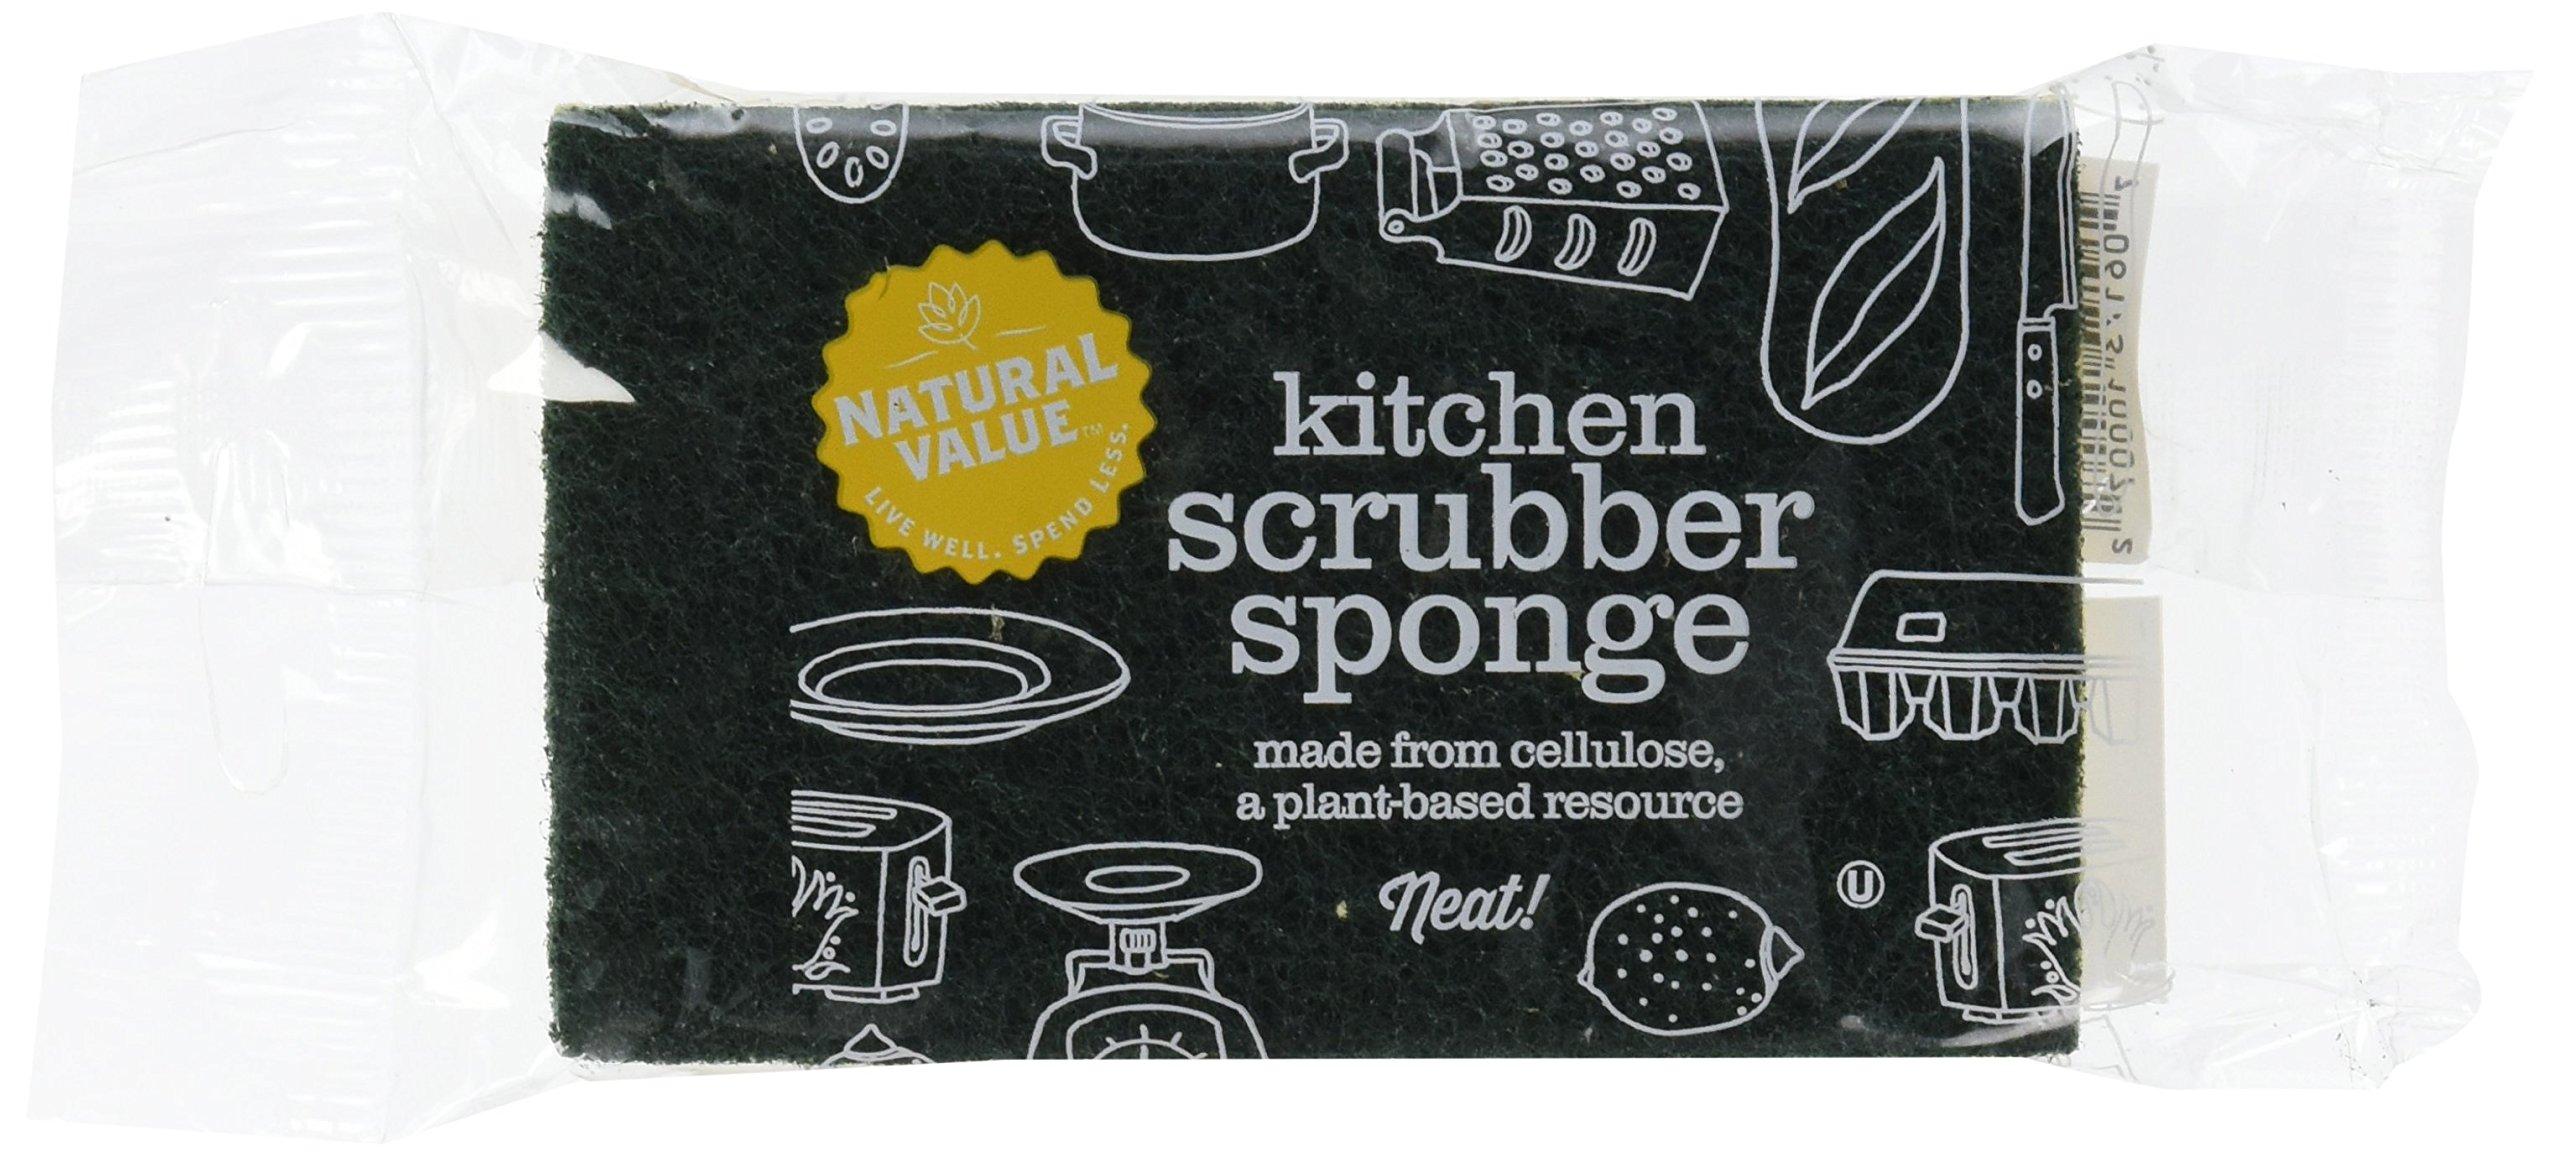 Natural Value Kitchen Scrubber Sponge (Pack of 24)